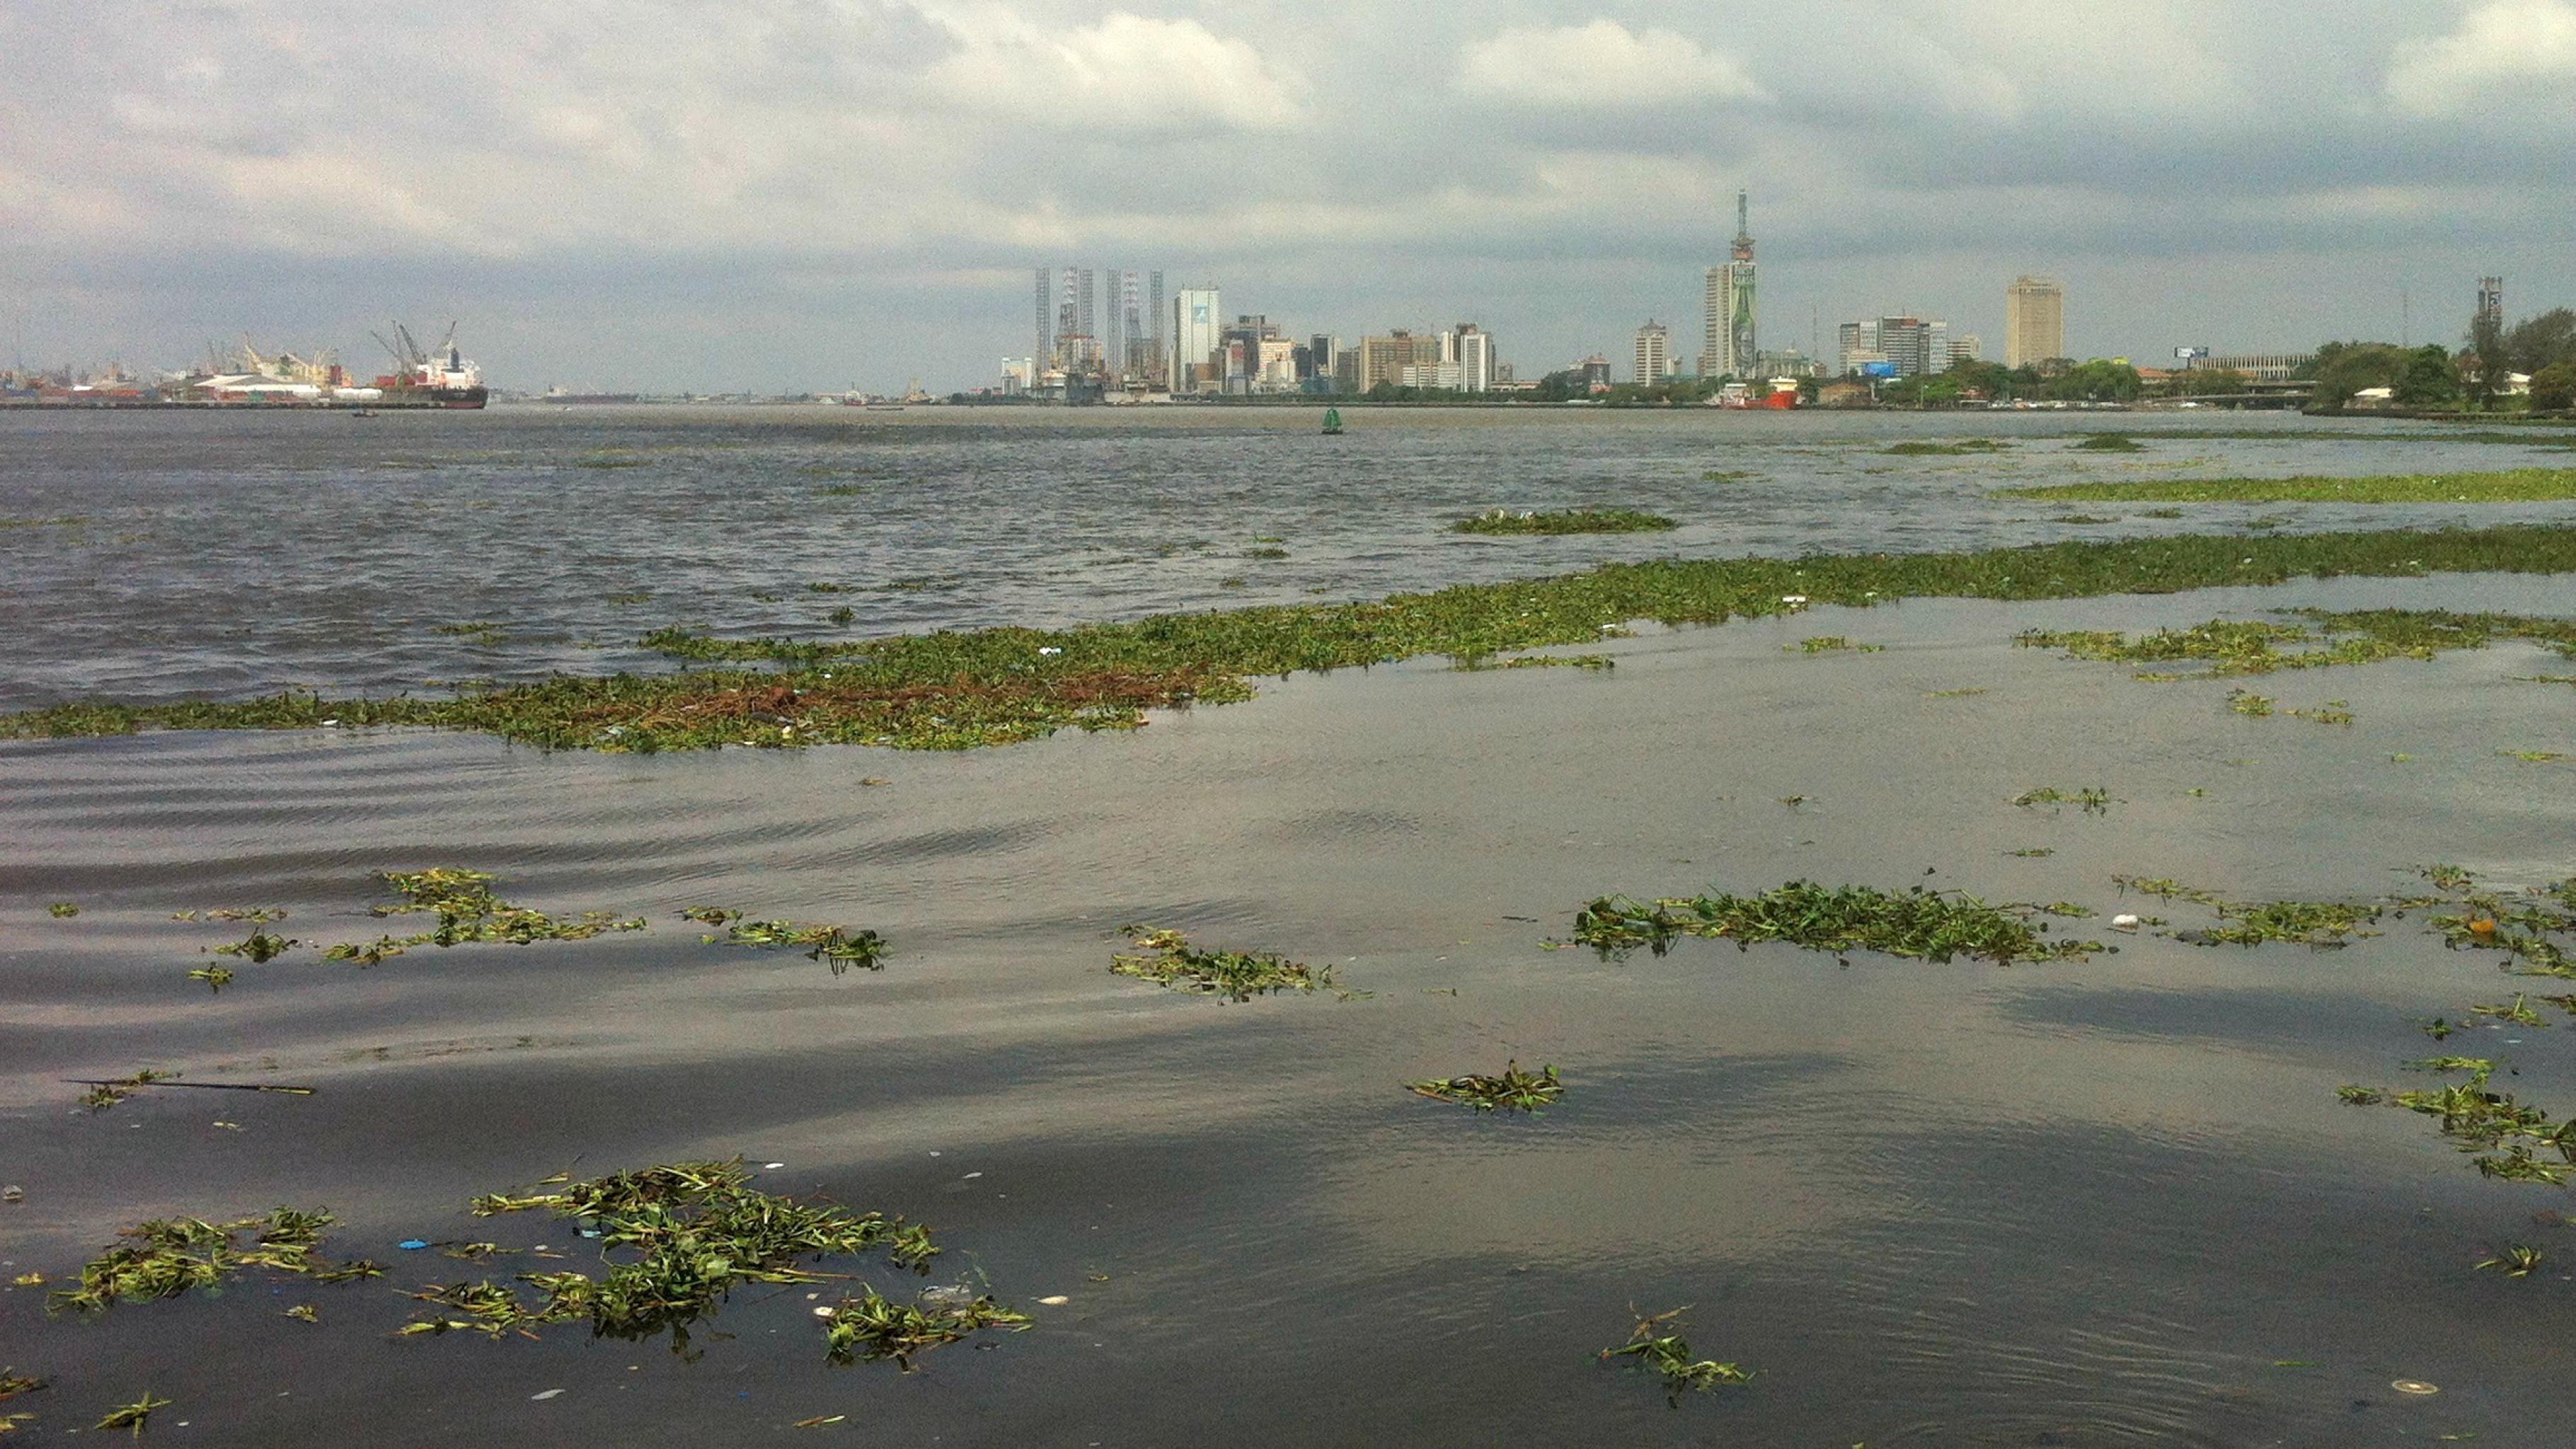 Die Küste von Lagos in Nigeria